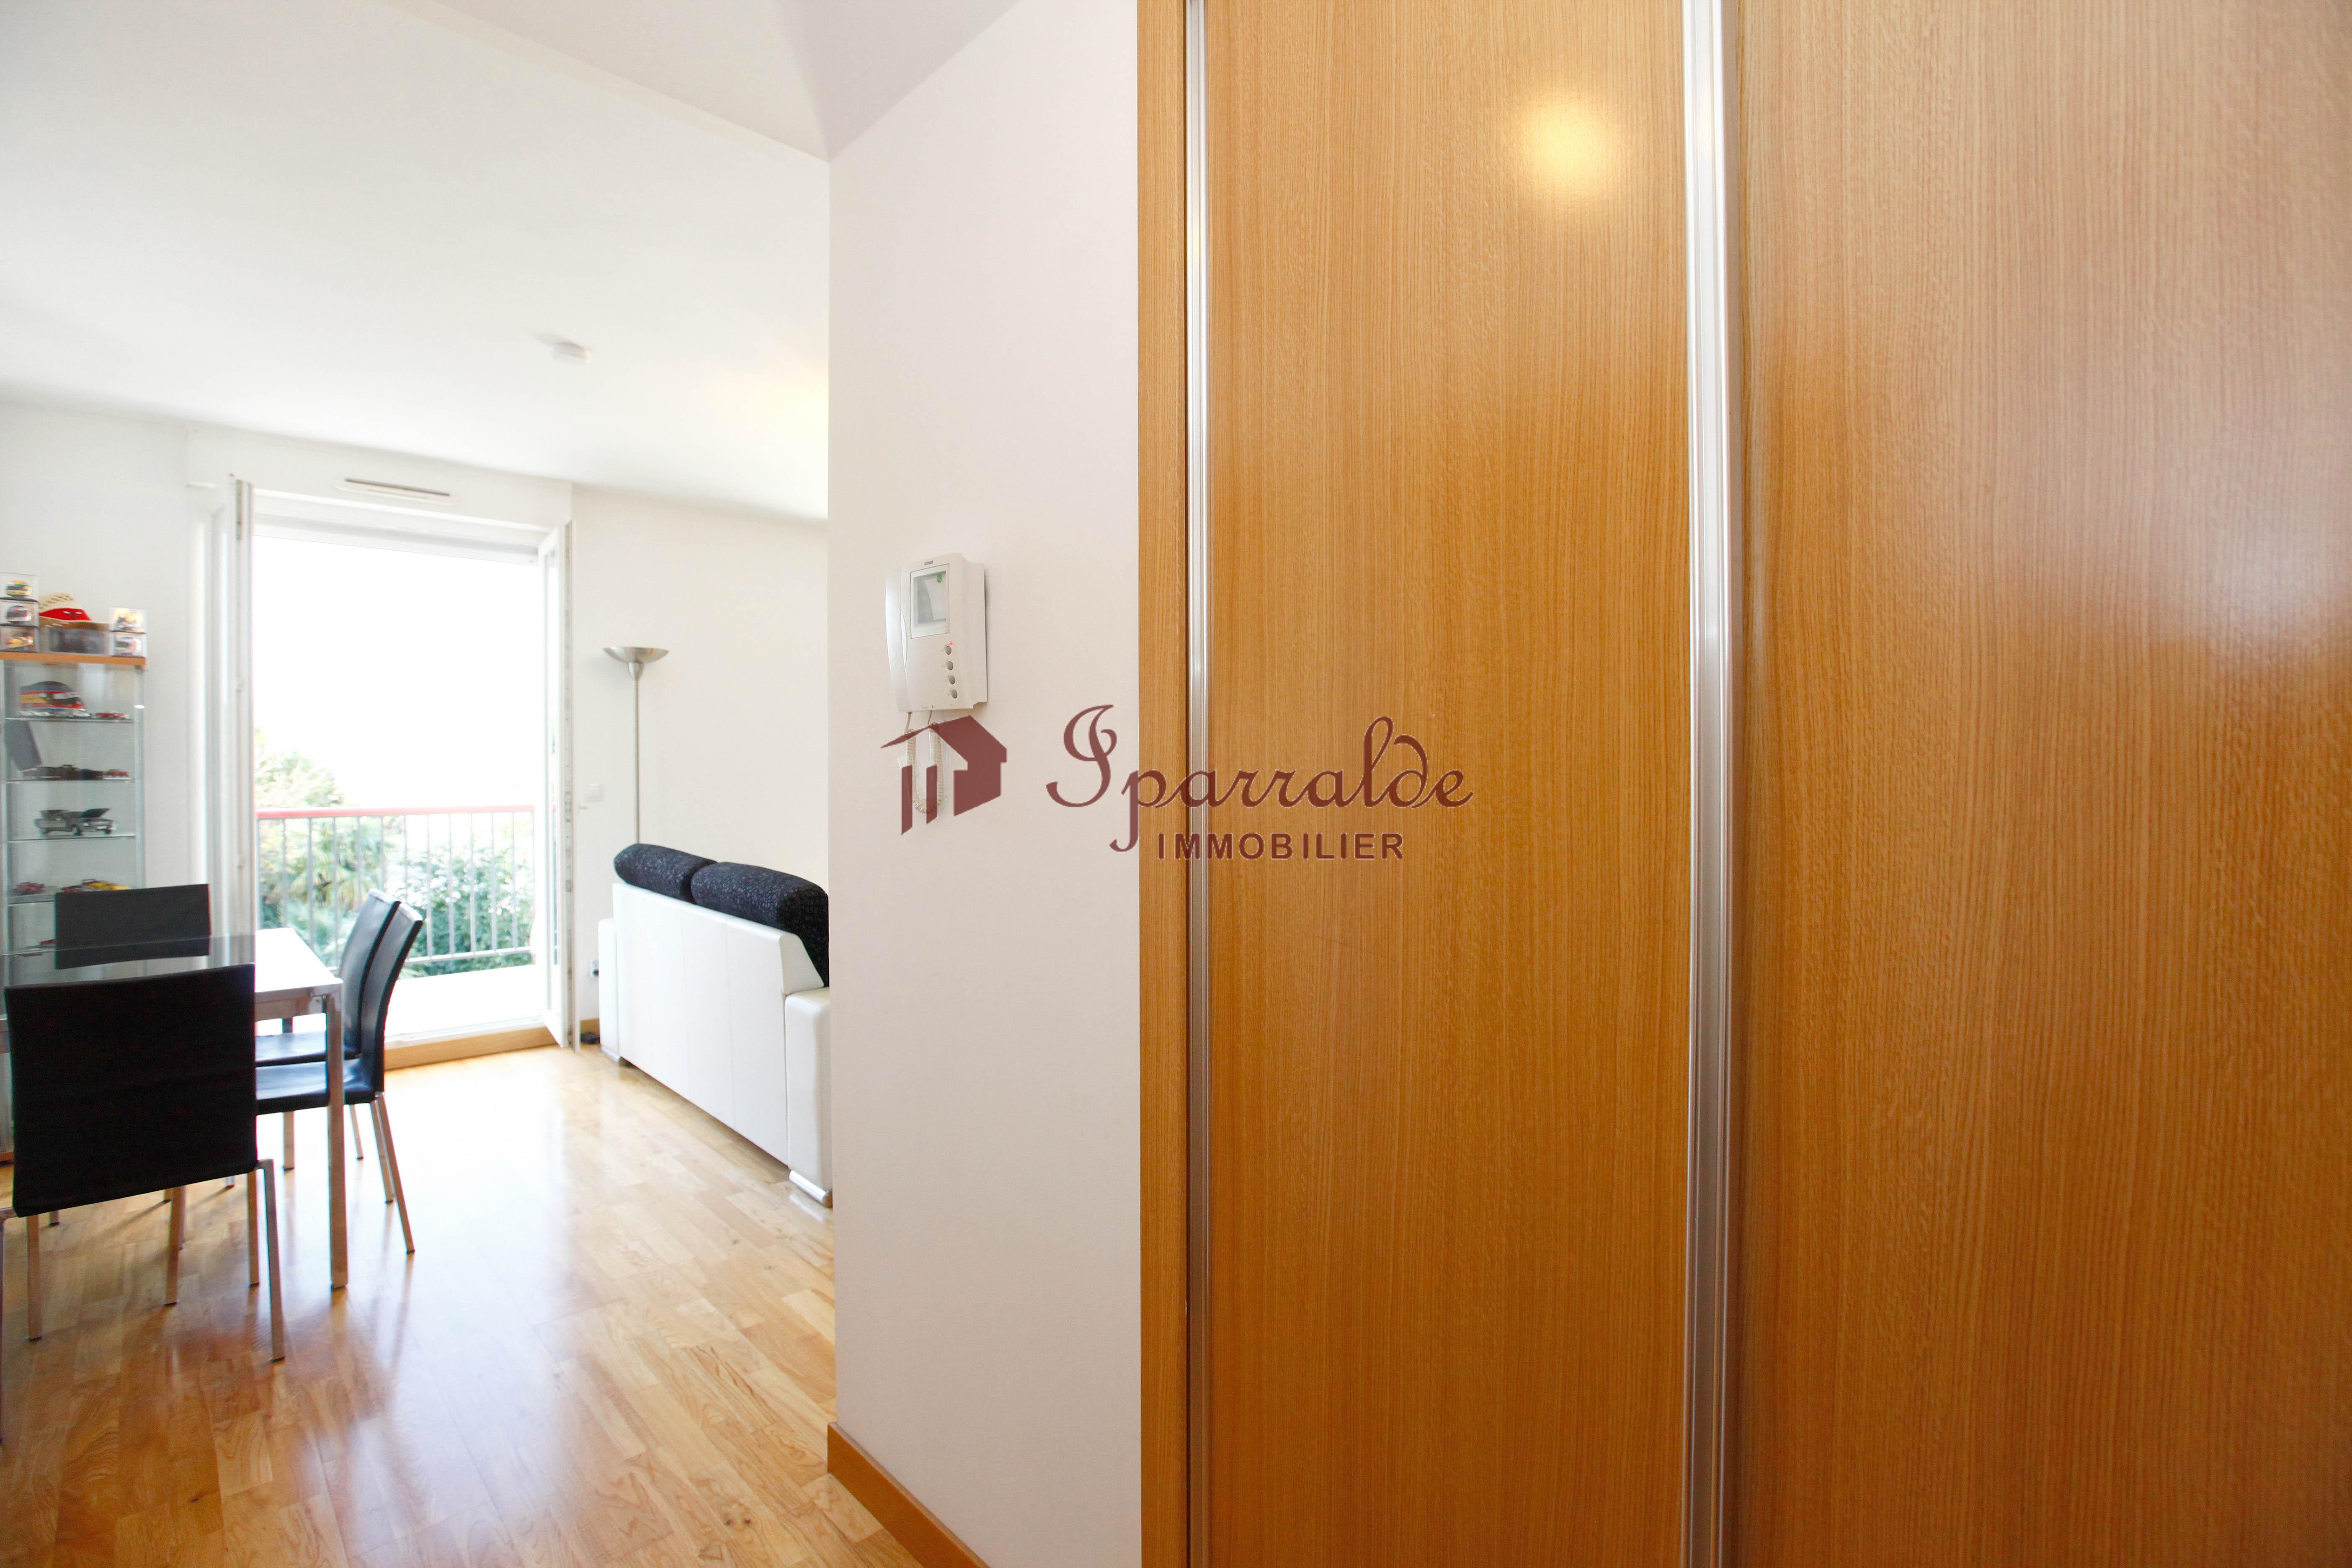 En edificio de prestigio y de 2010, vivienda de 1 habitación con soleada Terraza.